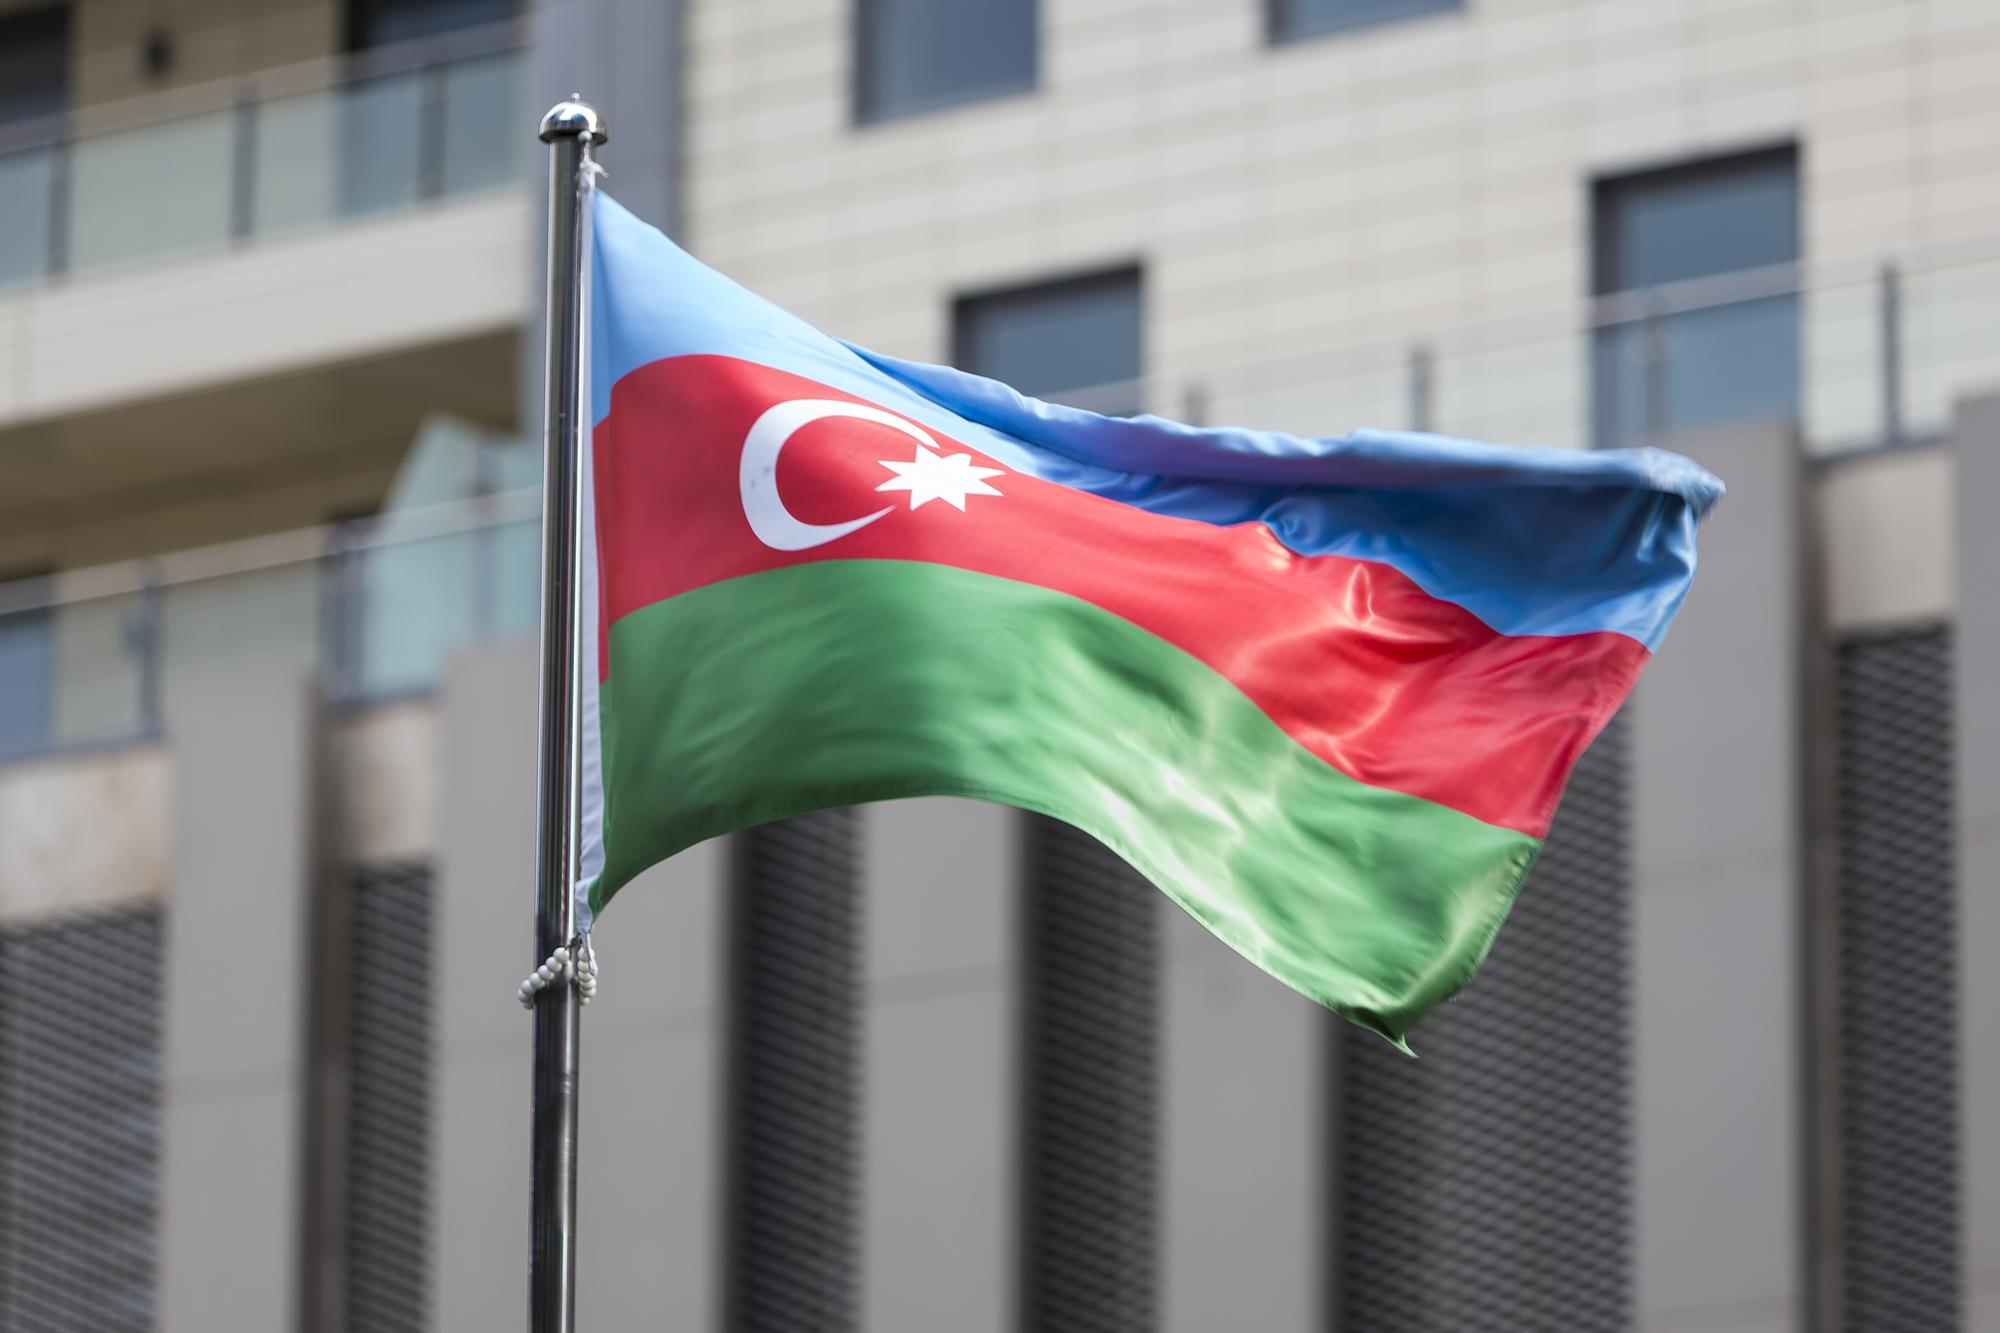 Алиев: Азербайджан вернет свои земли, но хочет сделать это мирным путем